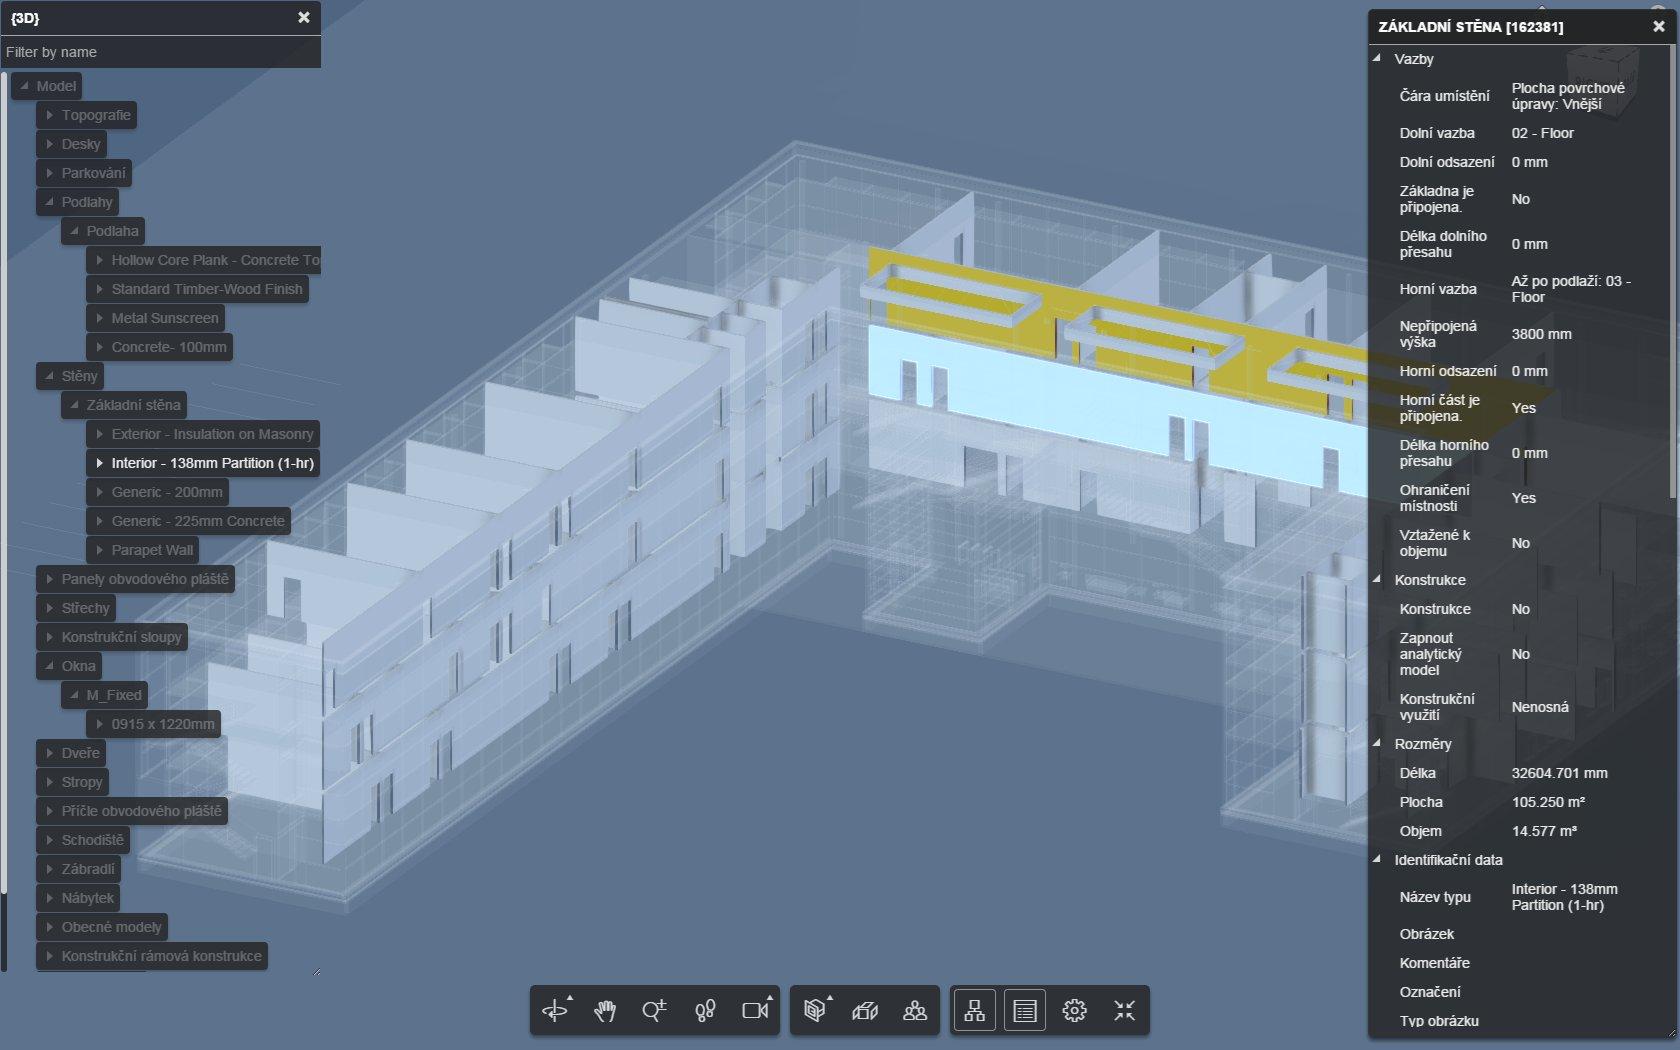 Objekty modelu mohou vydat informace o vlastnostech, zde např. vnitřní stěna.